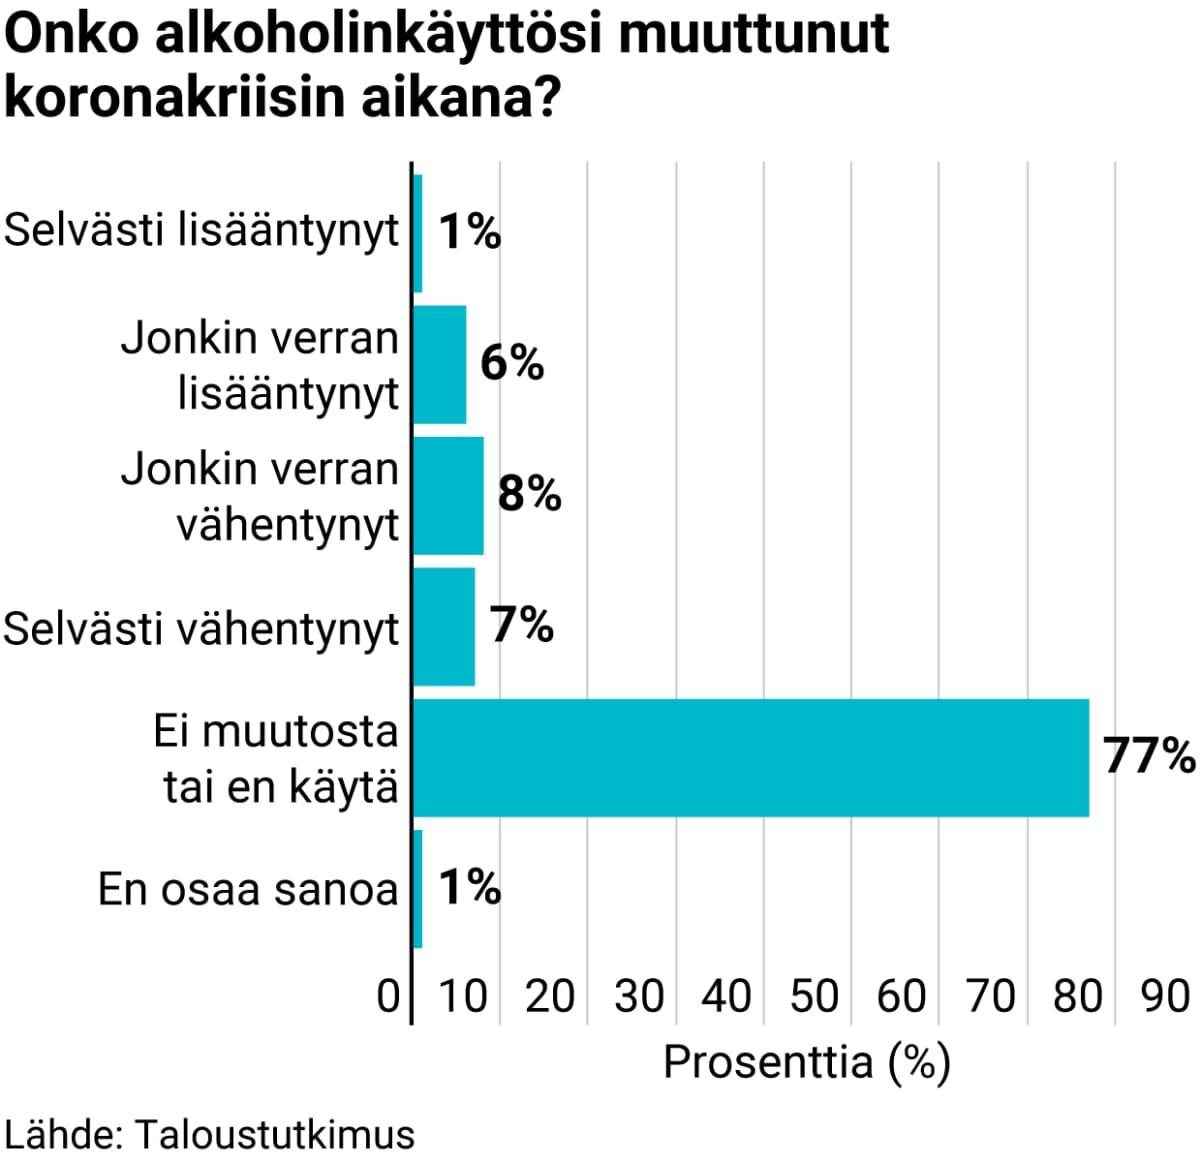 Onko alkoholinkäyttösi muuttunut koronakriisin aikana?